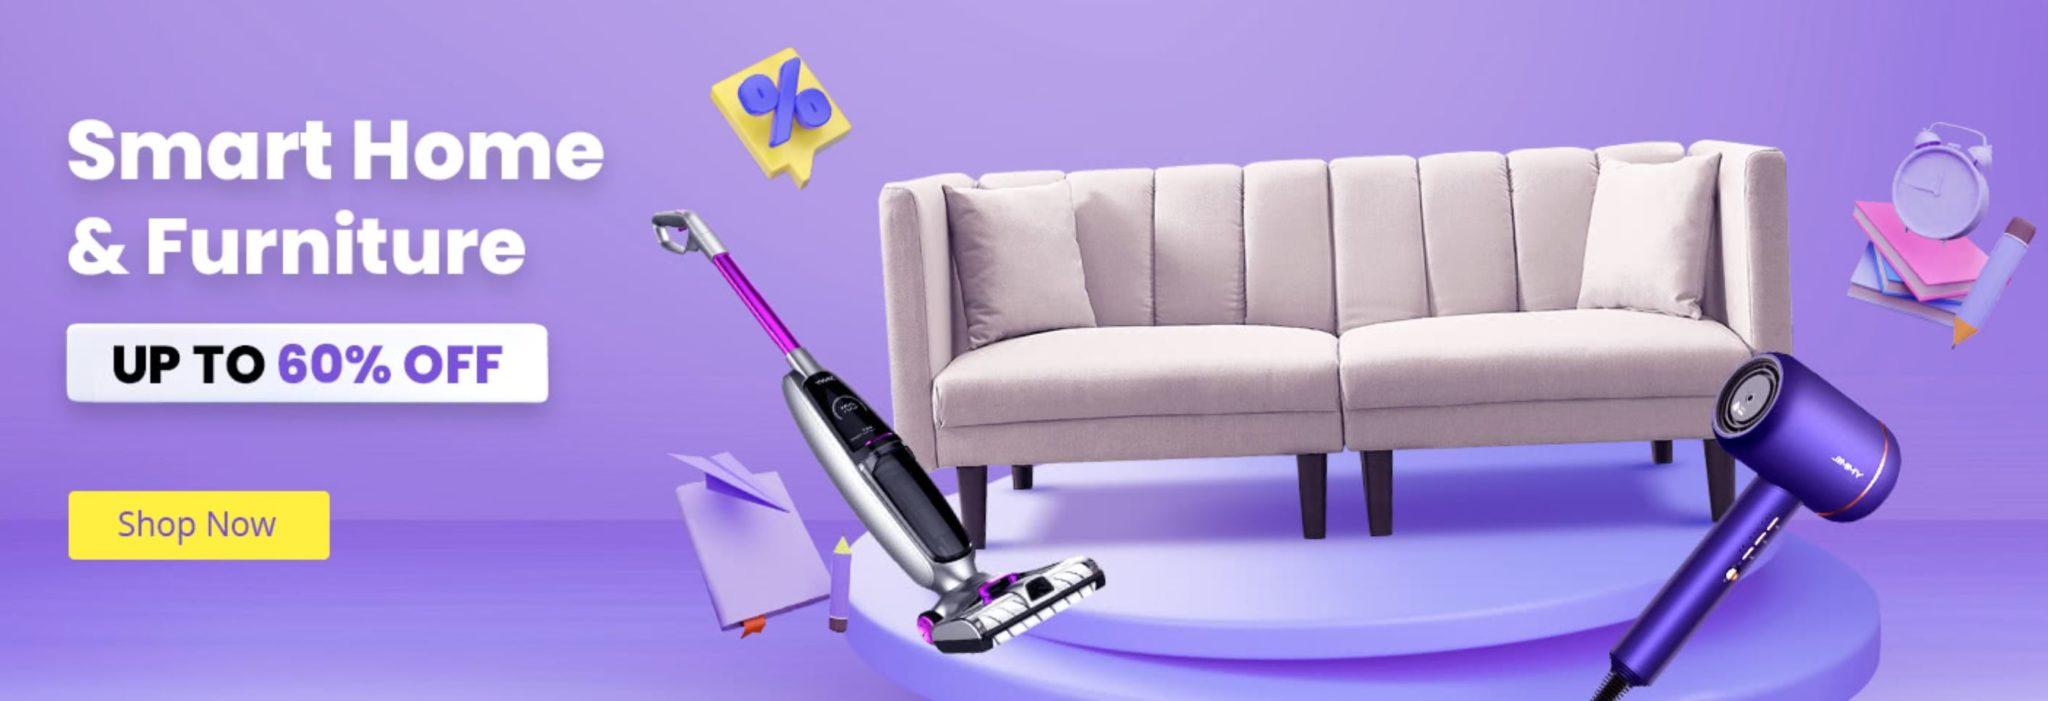 Powrót do szkoły z Geekbuying - promocja w dziale smart home i furniture